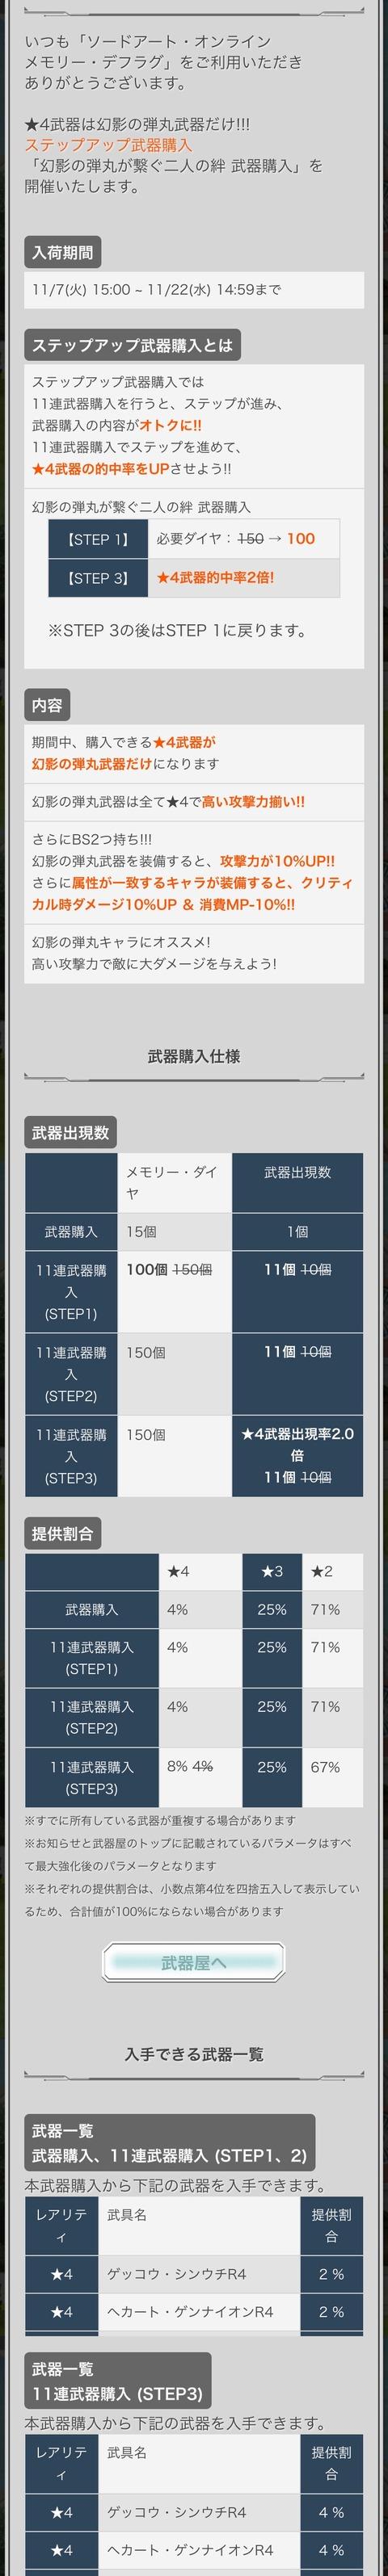 3D477B1F-4BD8-4B6C-94F8-C3DD2FB9A158